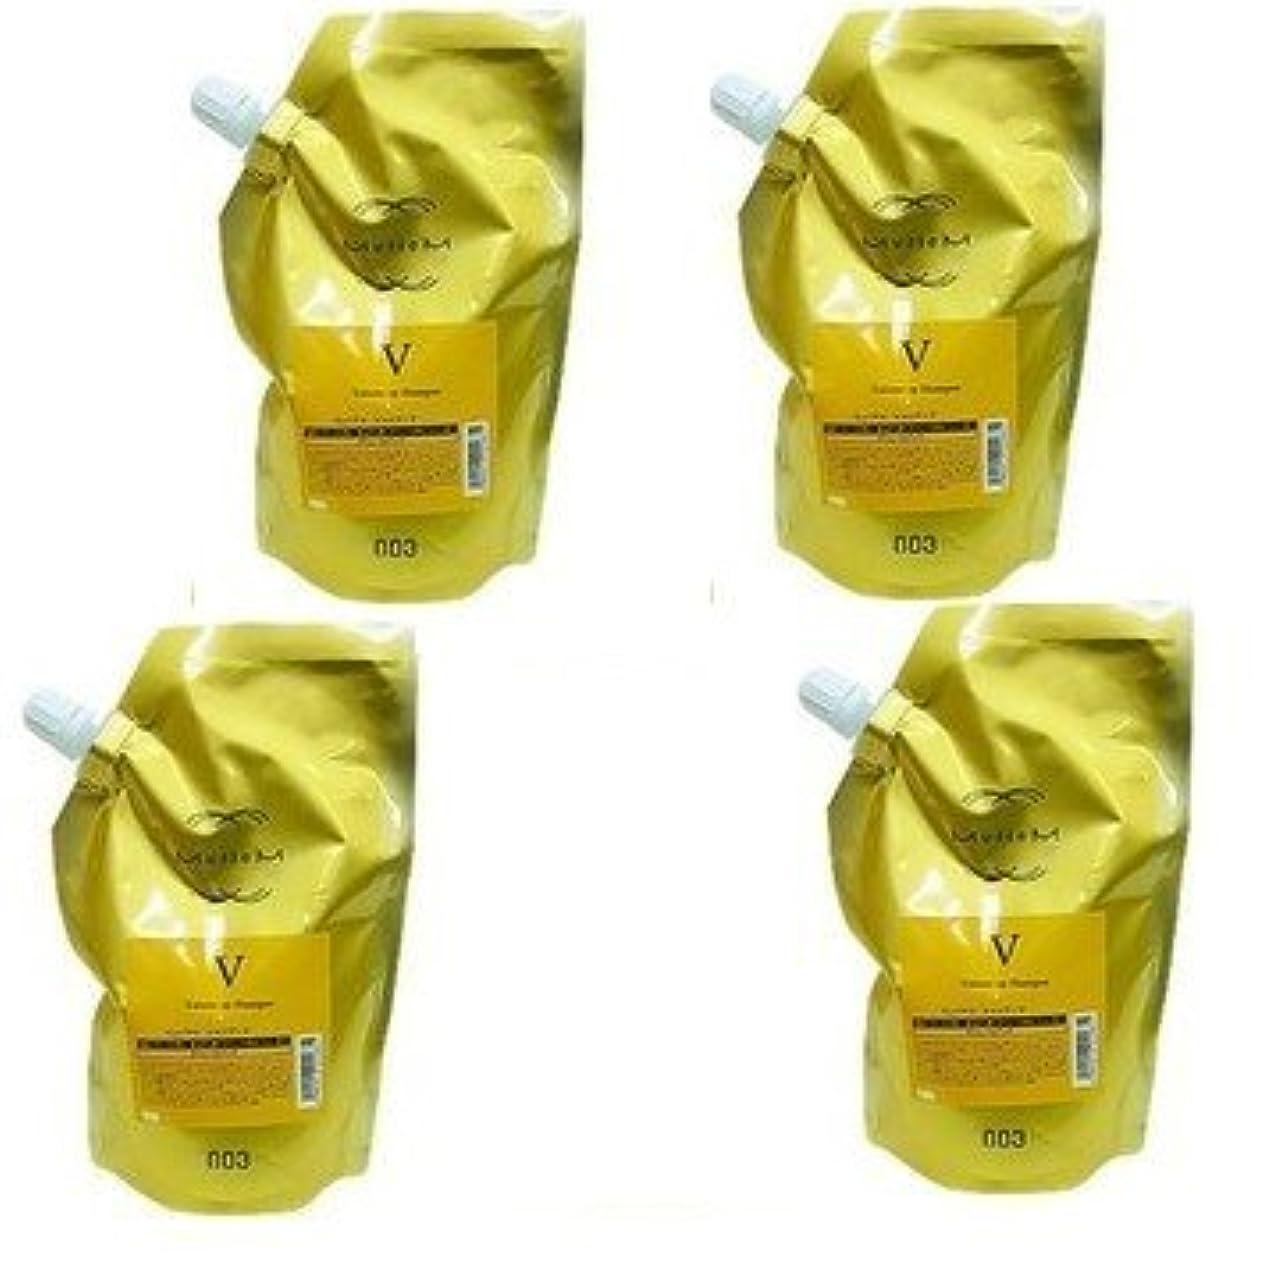 区赤性的【X4個セット】 ナンバースリー ミュリアム ゴールド シャンプー V 500ml 詰替え用